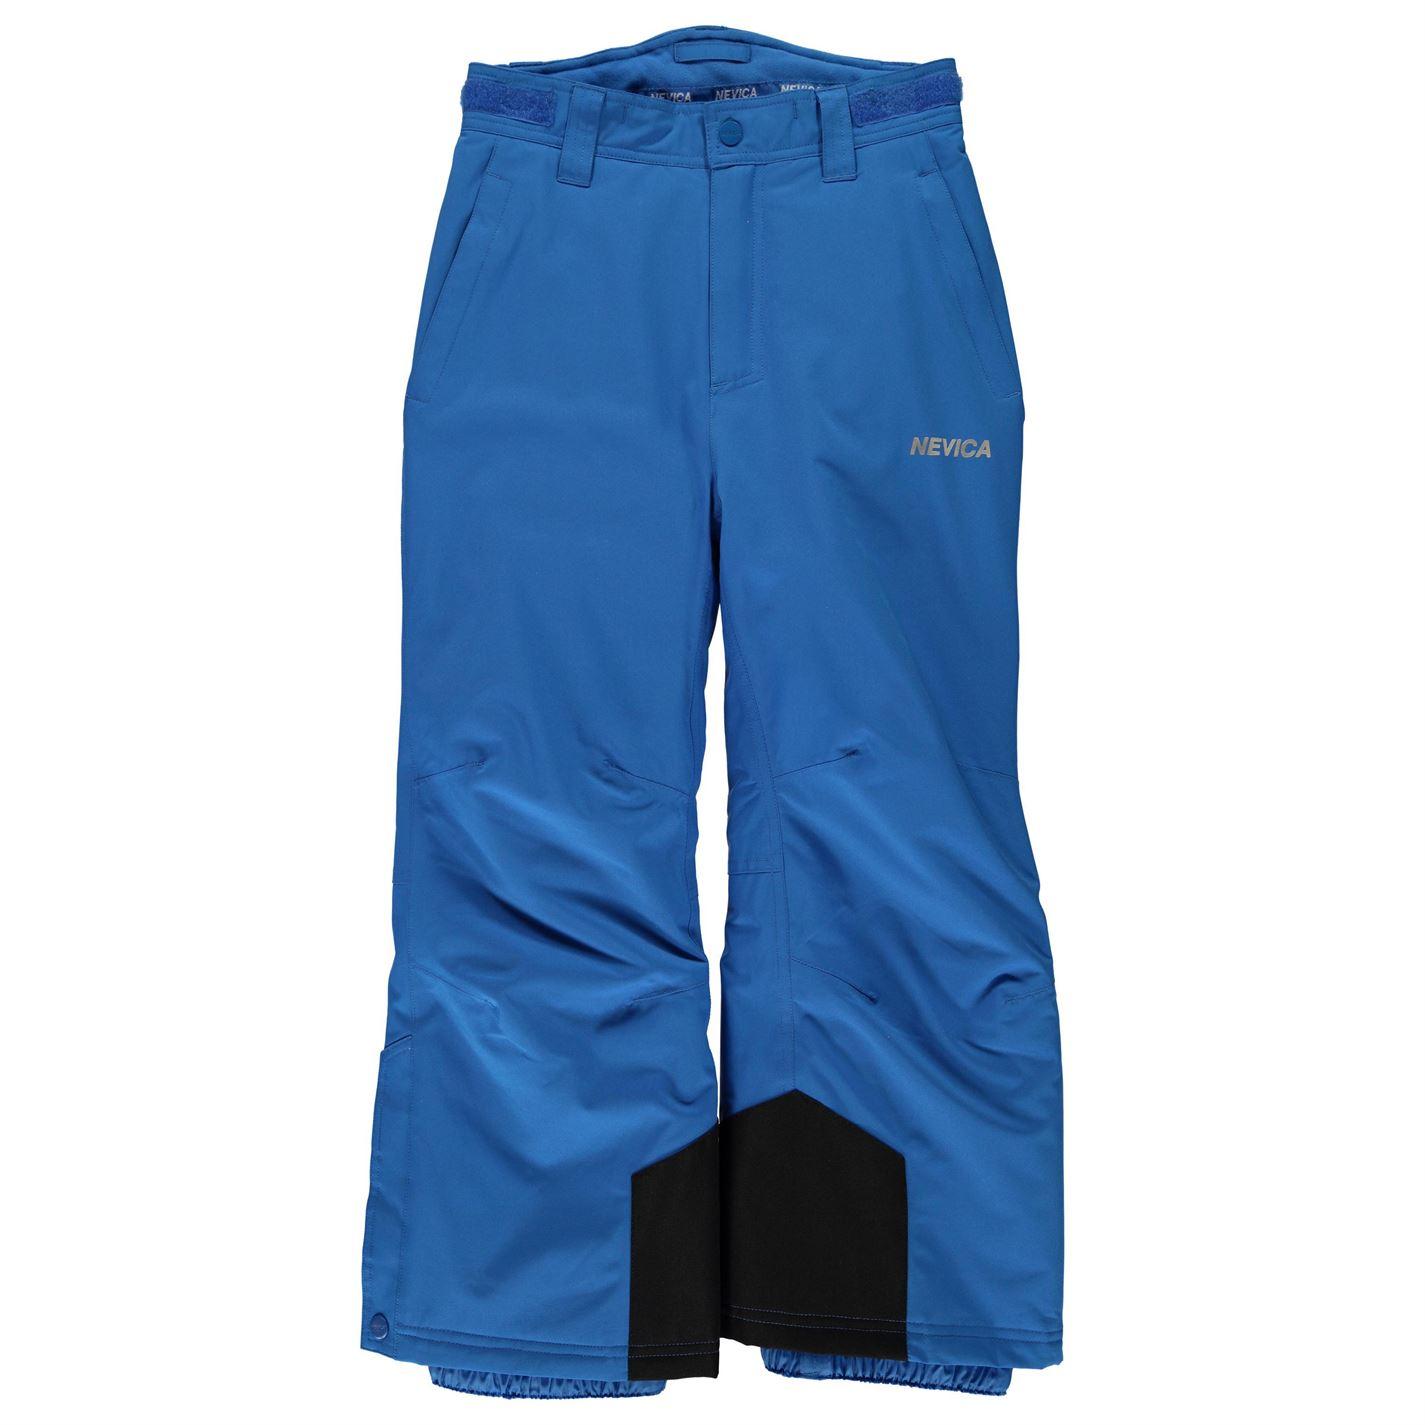 65d64c3e2f77 Lyžiarske nohavice Nevica Meribel Ski Pants Junior Boys - Glami.sk